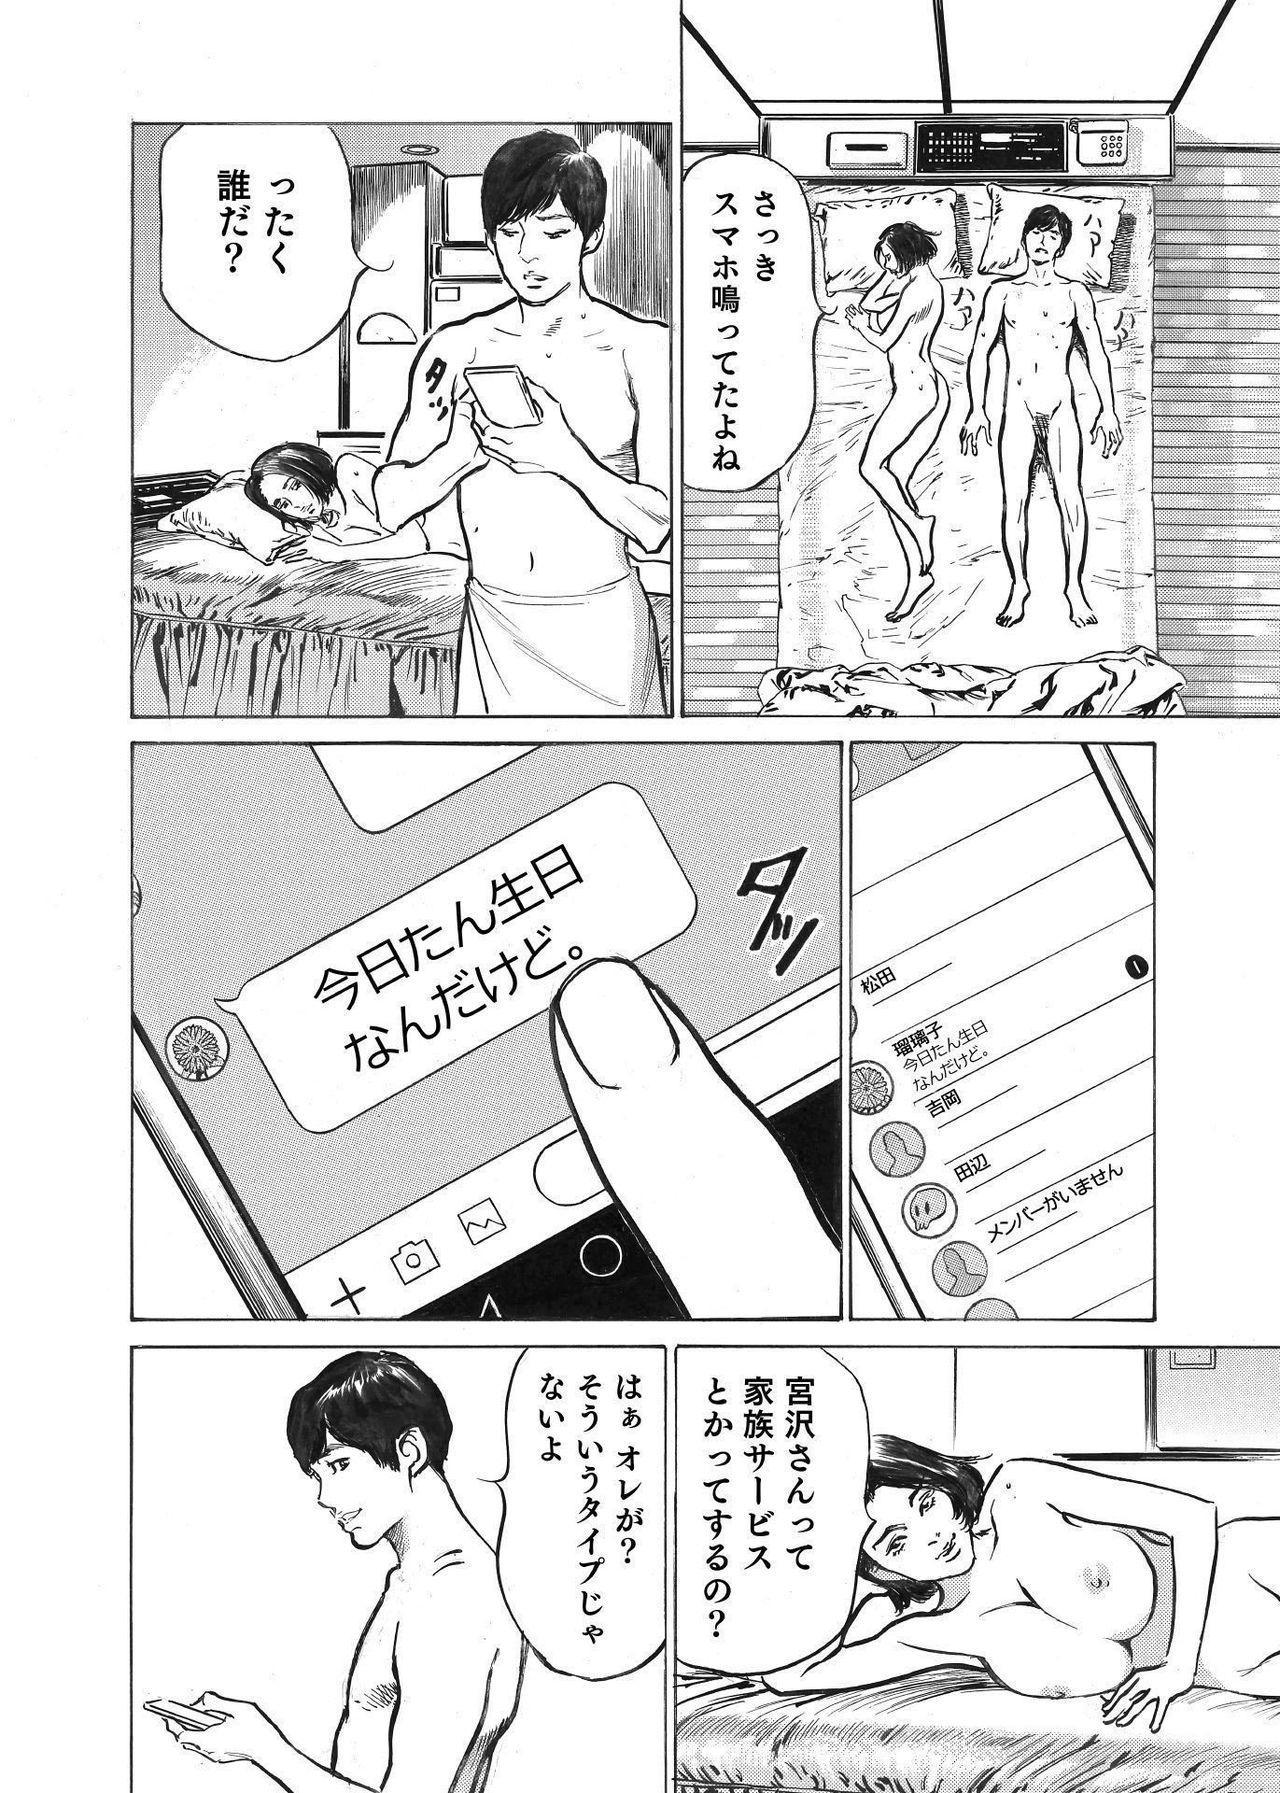 Ore wa Tsuma no Koto o Yoku Shiranai 1-9 3